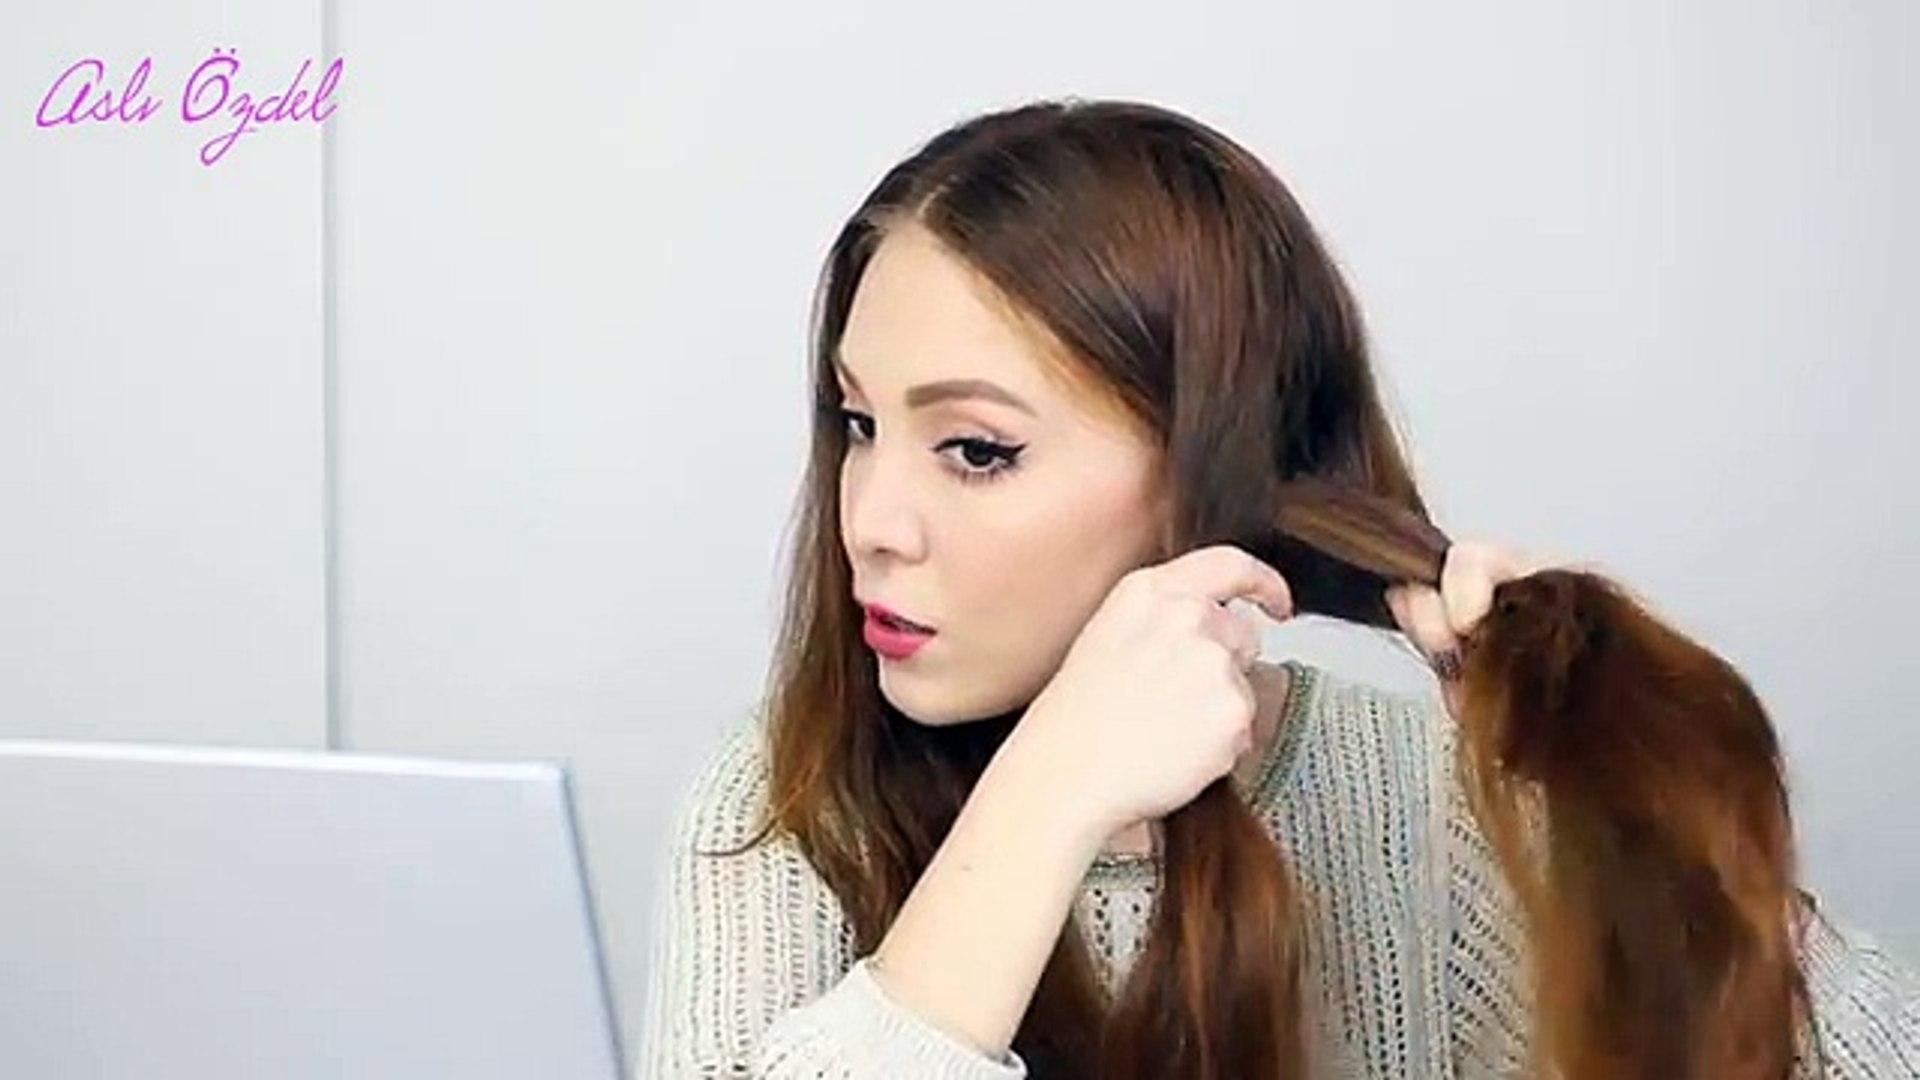 Taç Örgü Nasıl Yapılır? -Saç Modeli- Ⅰ Aslı Özdel (Trend Videos)